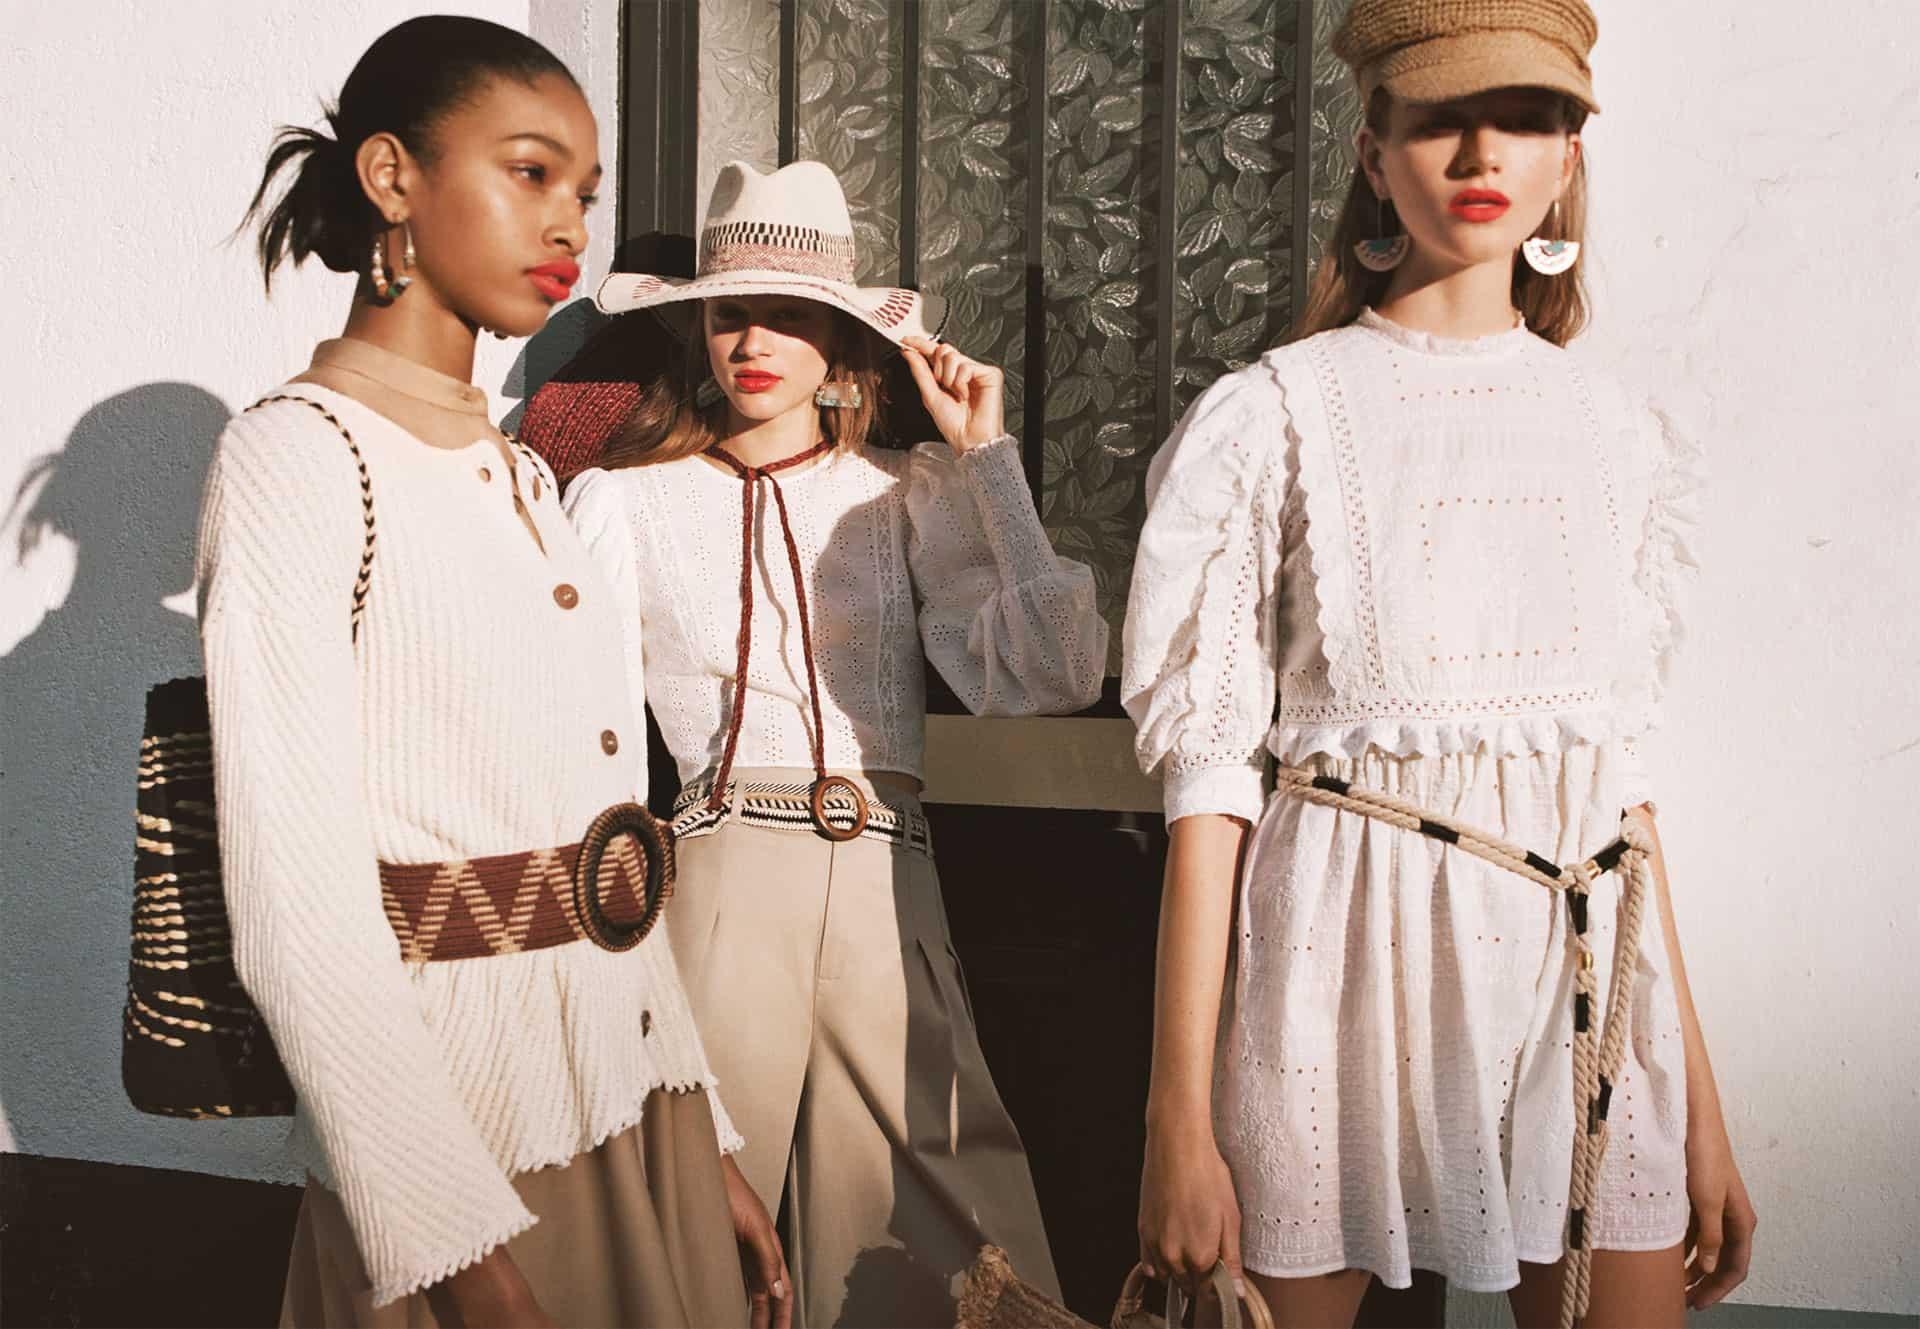 new styles f2c19 76cdf Zara Primavera 2019, collezione donna: le novità per la ...